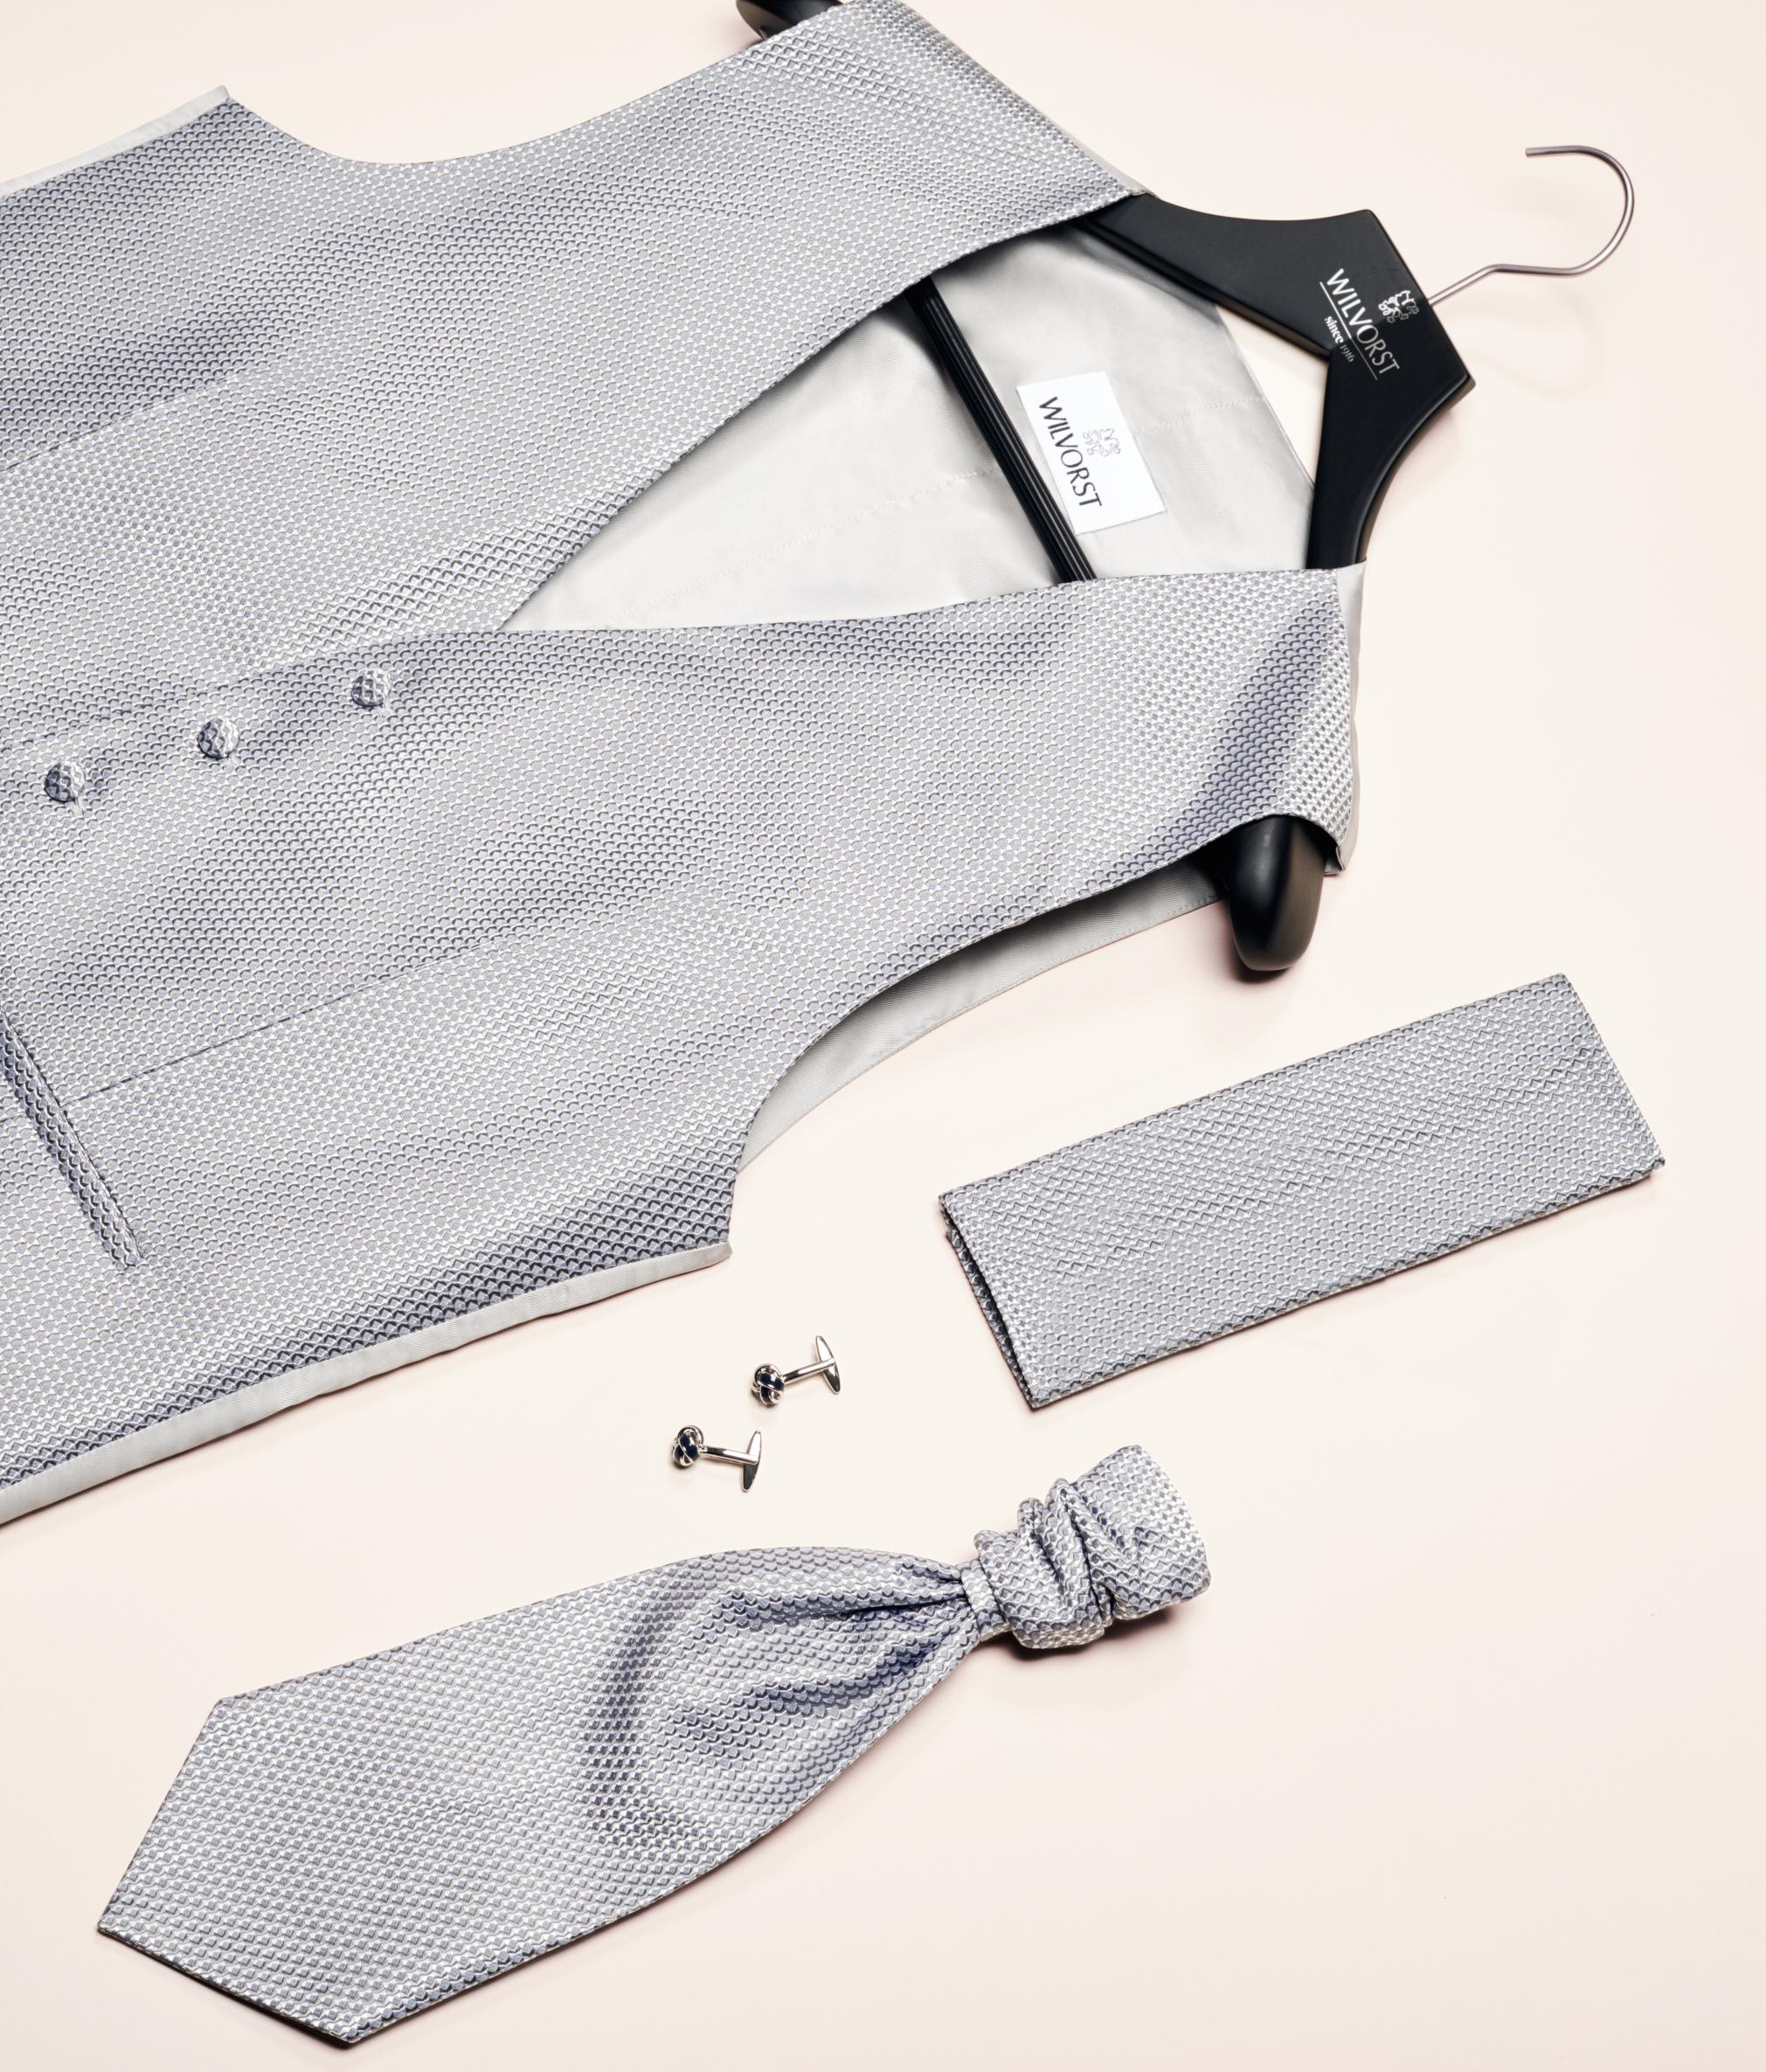 2019 Vőlegényi öltöny kiegészítők